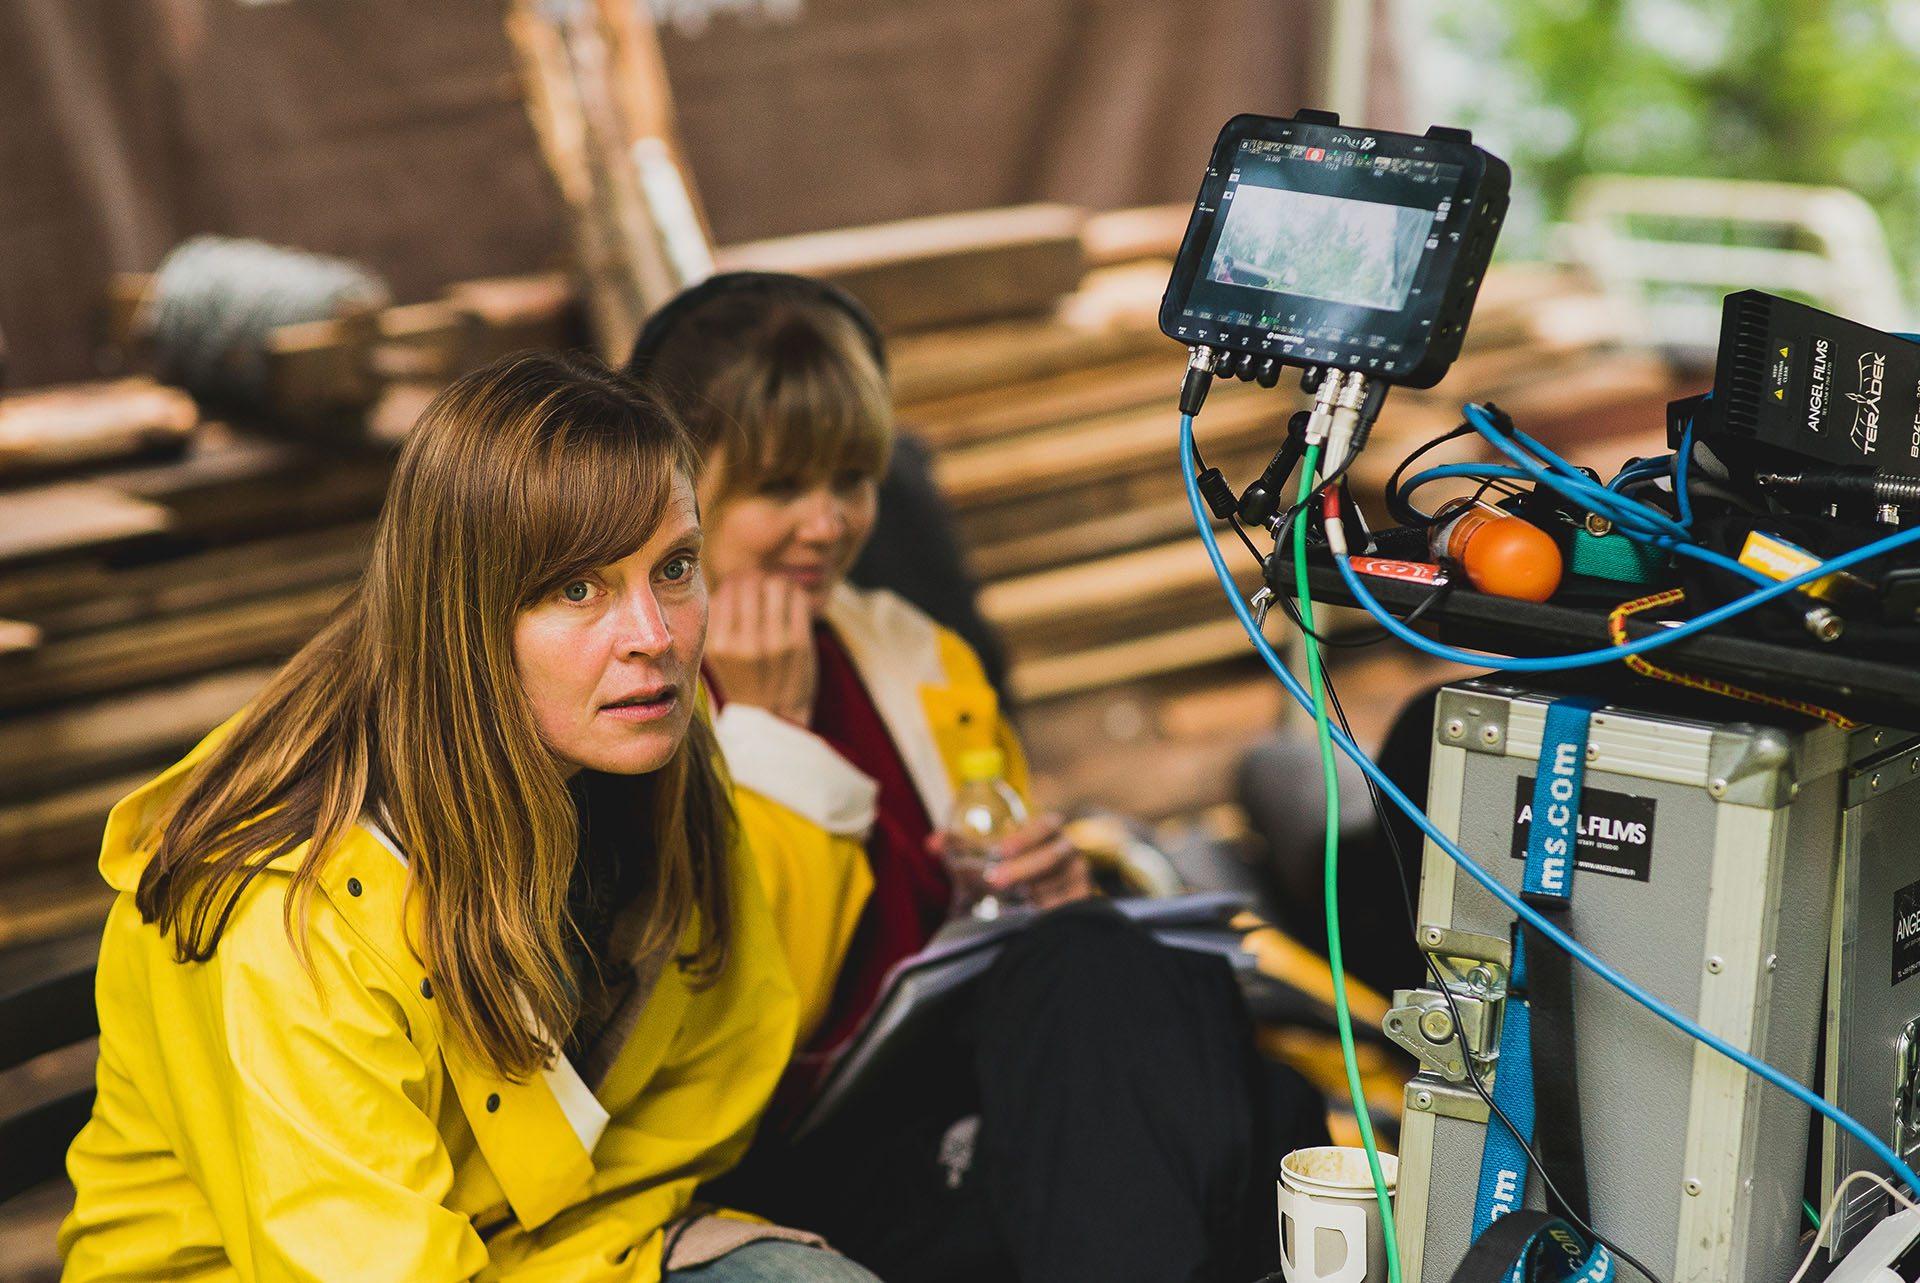 Making of. Ohjaaja Tiina Lymi ja kuvaussihteeri Maria Mononen Äkkilähtö-elokuvan kuvauksissa kesällä 2015. © Solar Films / Heikki Kivijärvi